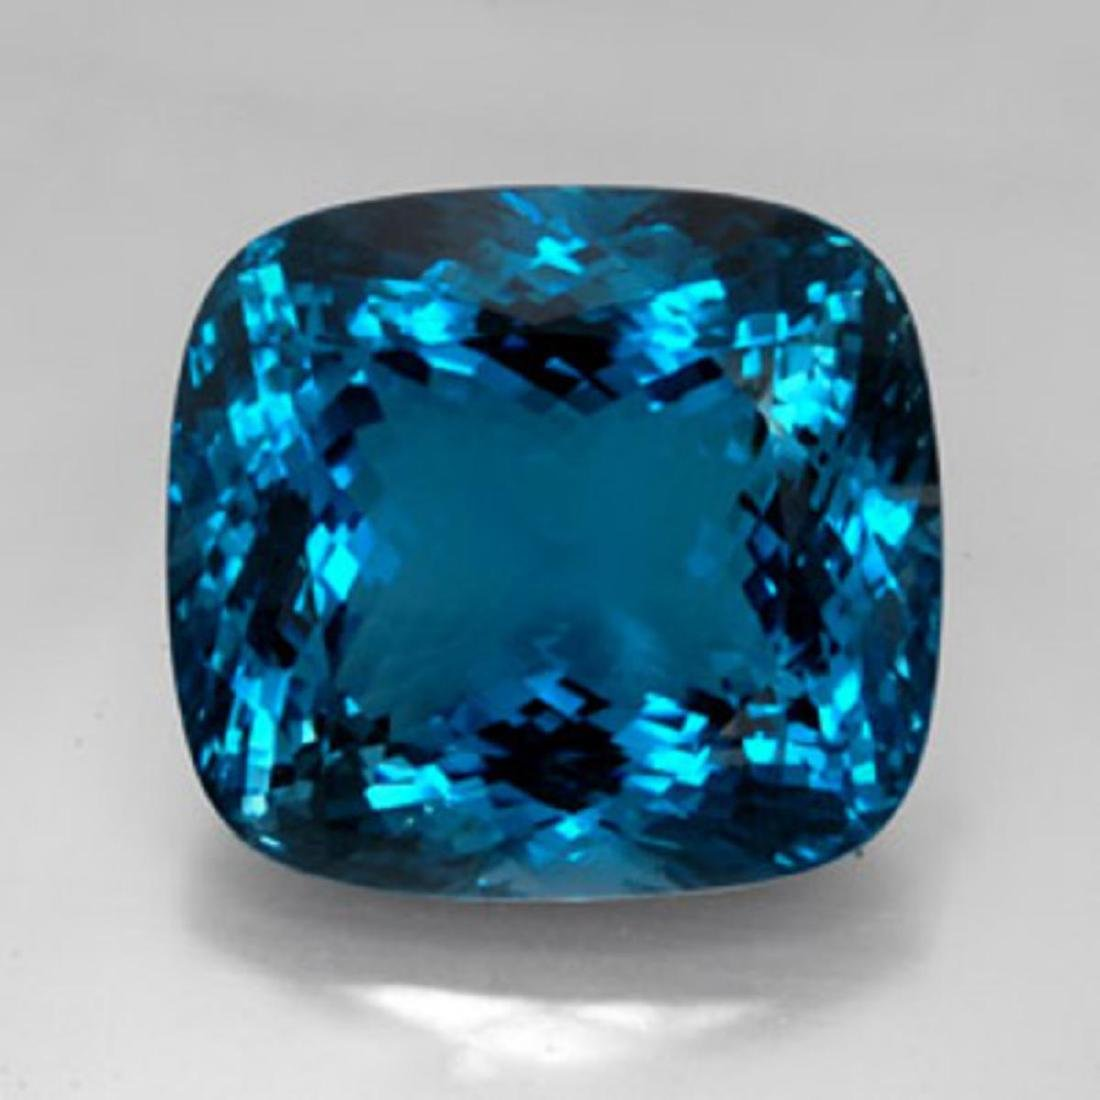 London Blue Topaz 25.76 carats - VVS